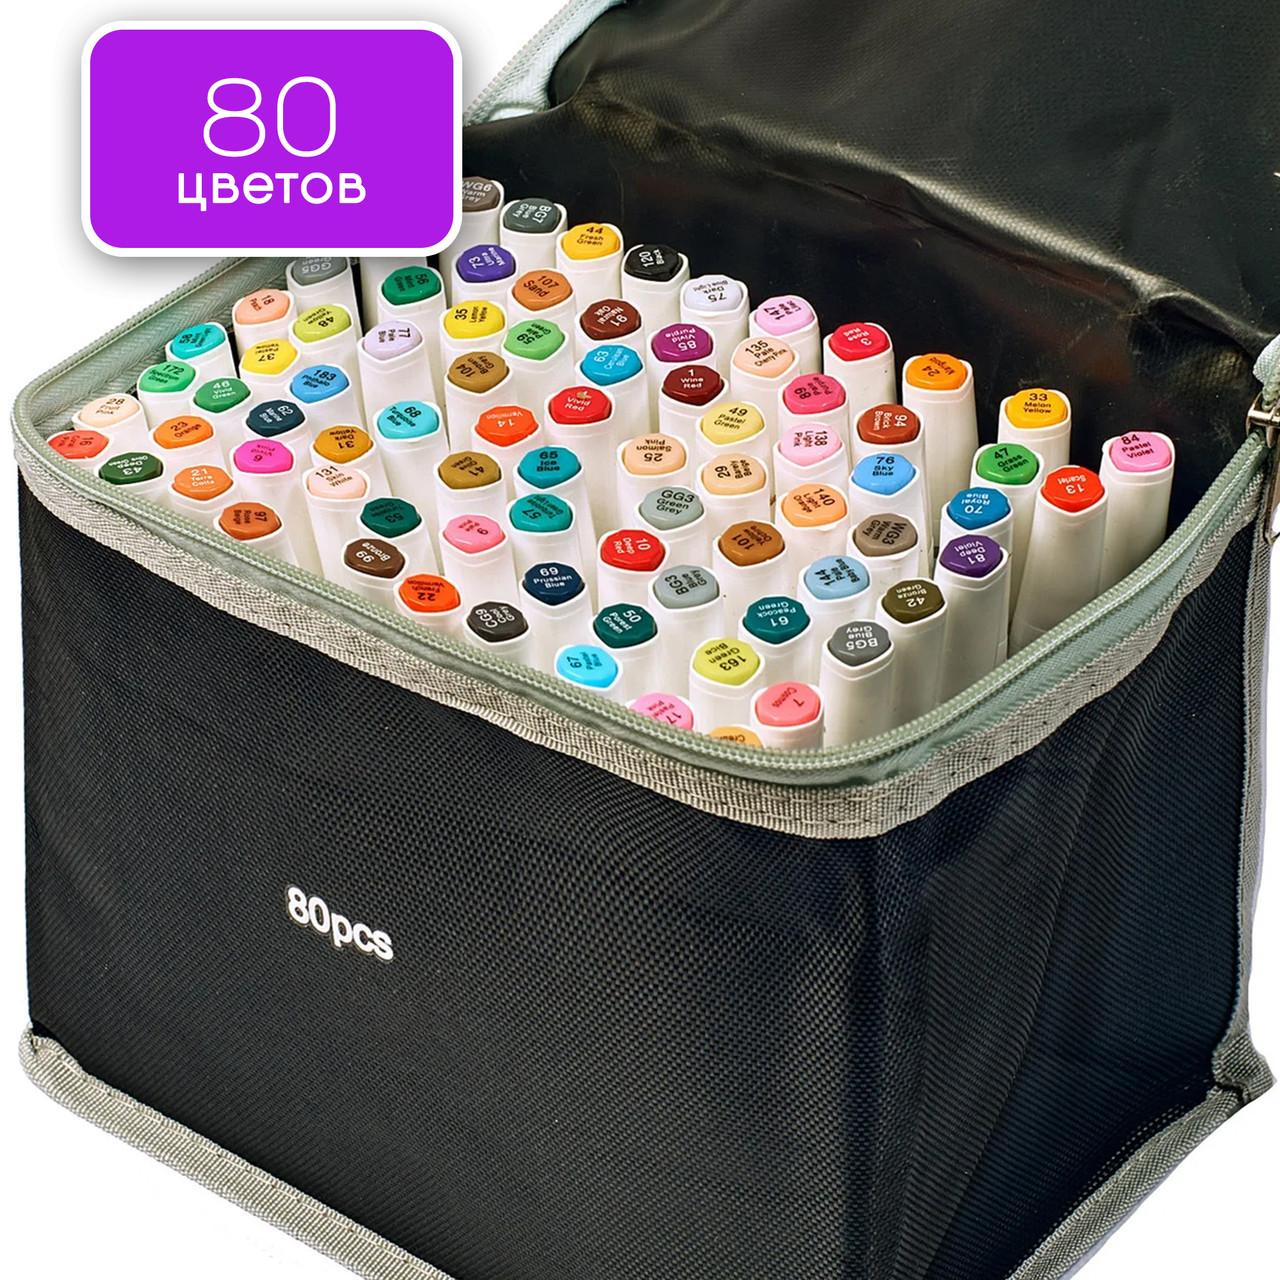 Професійні маркери для художників 80 шт Rich New, маркери спиртові двосторонні для ескізів і скетчів